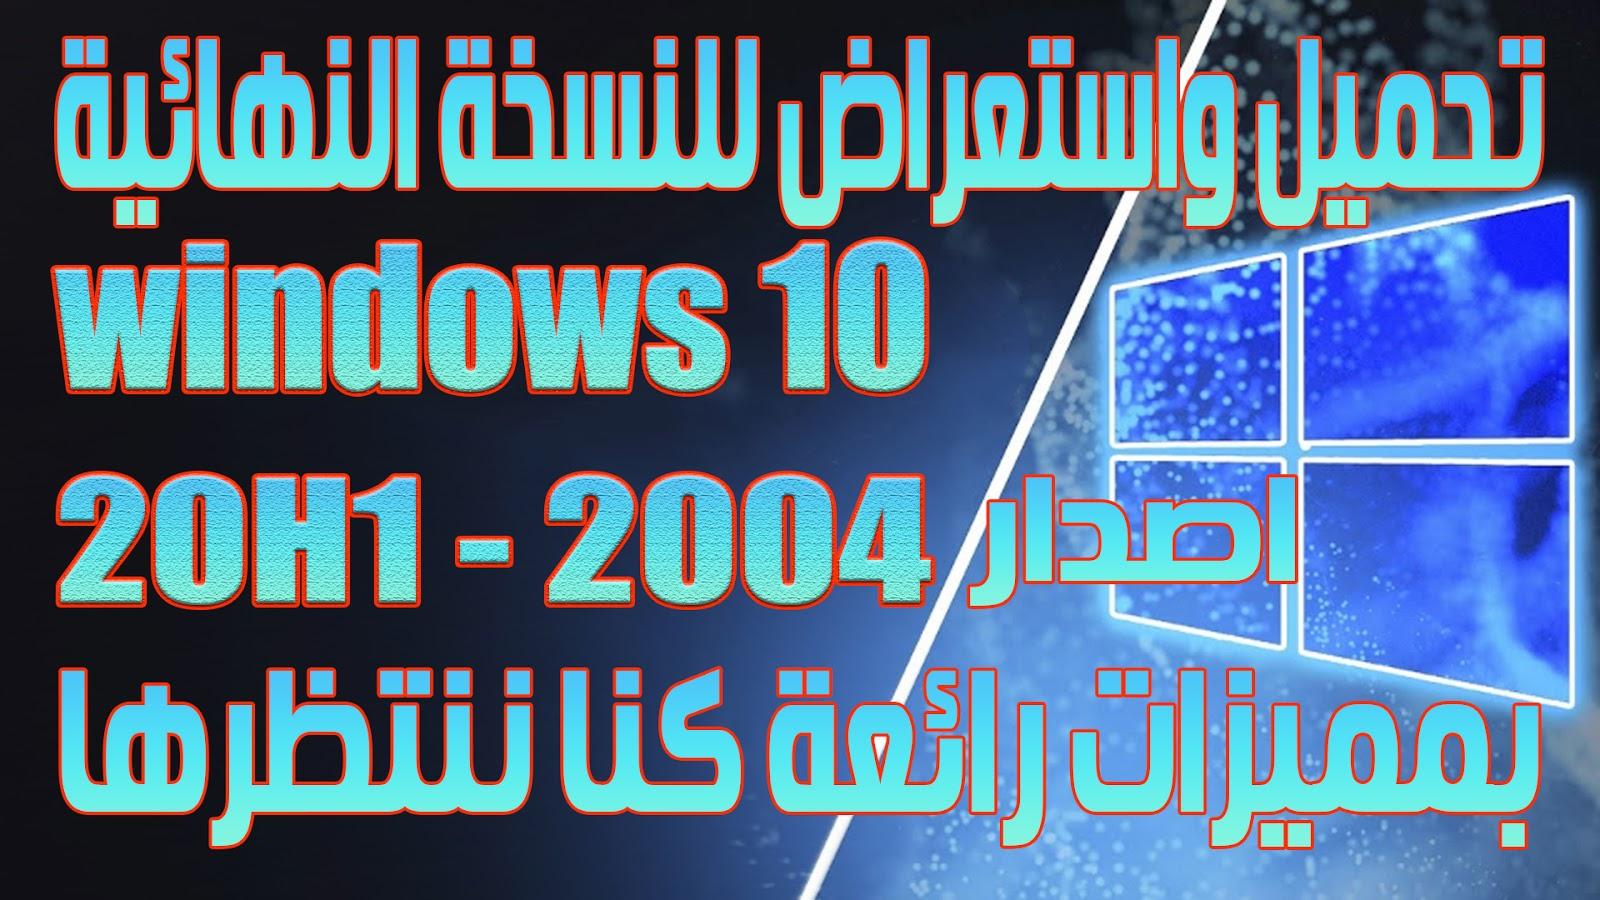 تحميل واستعراض لأحدث نسخة لويندوز 10 اصدار 2004 النسحة النهائية والرسمية - نسخة قمة في الاداء والروعة بمميزات خرافية